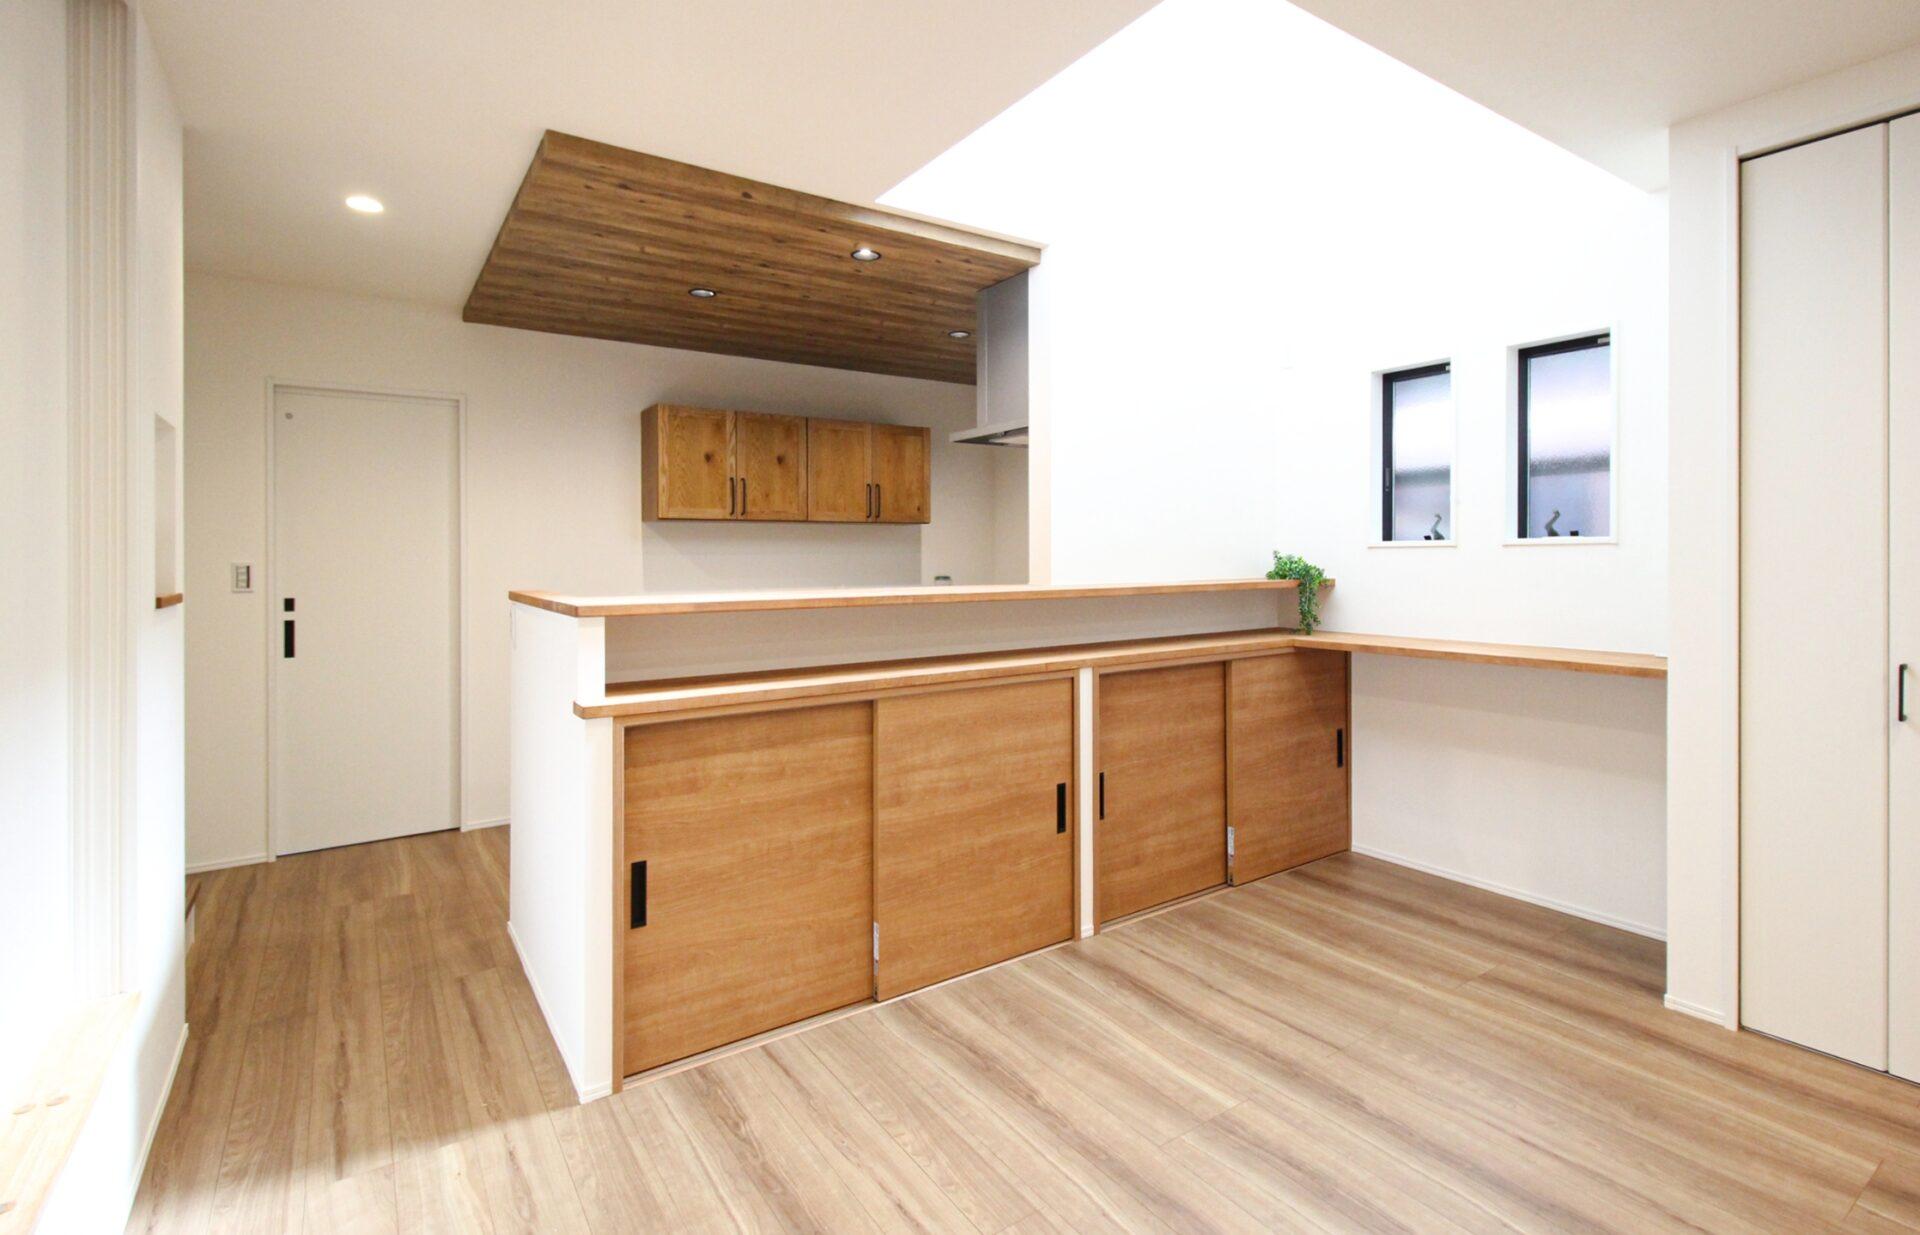 セカンドリビングとうんていで生活を楽しむ家 | クラッセ住宅販売株式会社